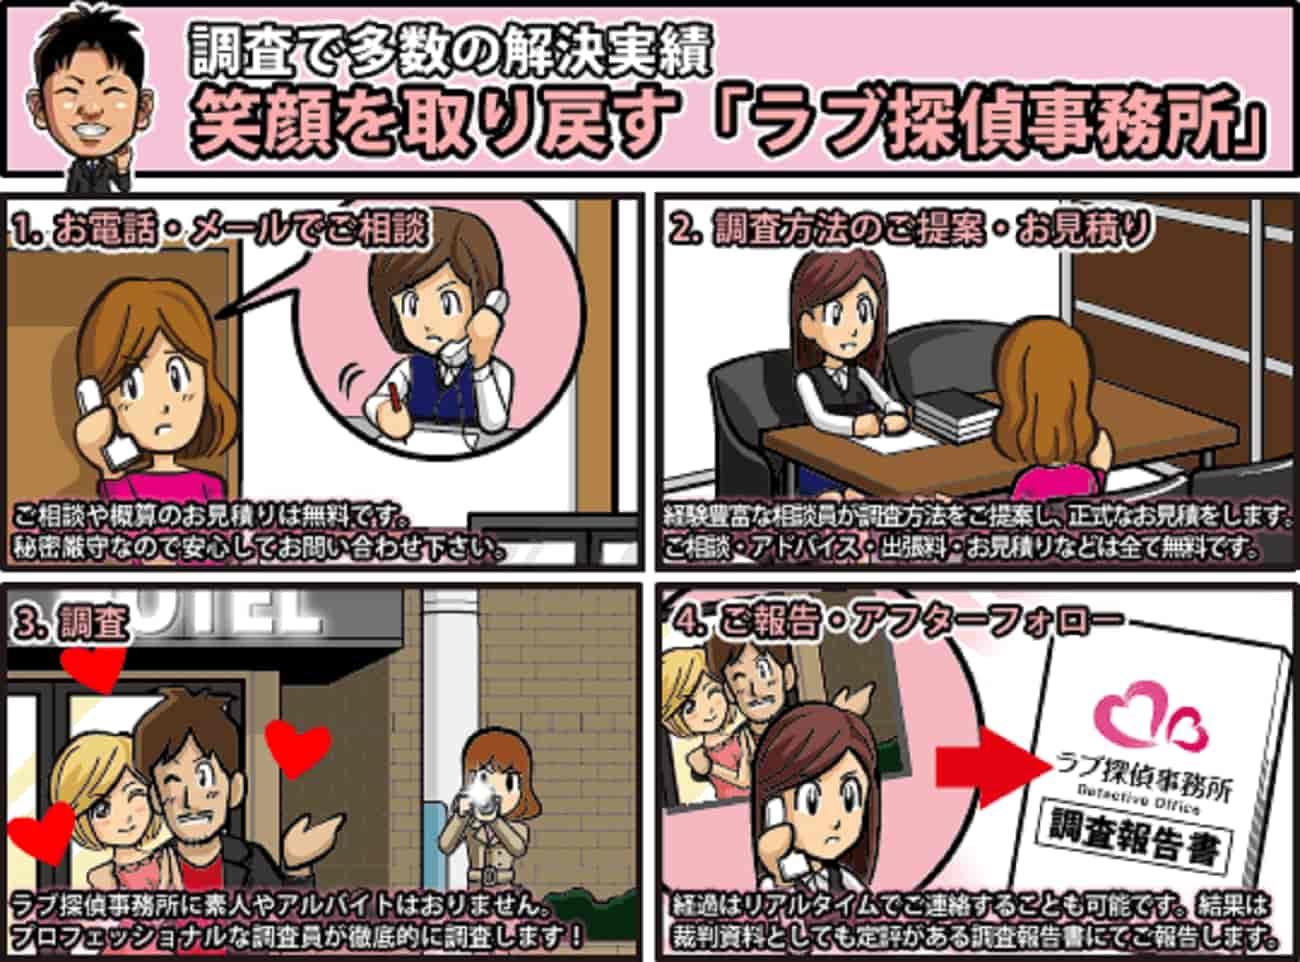 ラブ探偵事務所は千葉県四街道市の相談お見積り無料